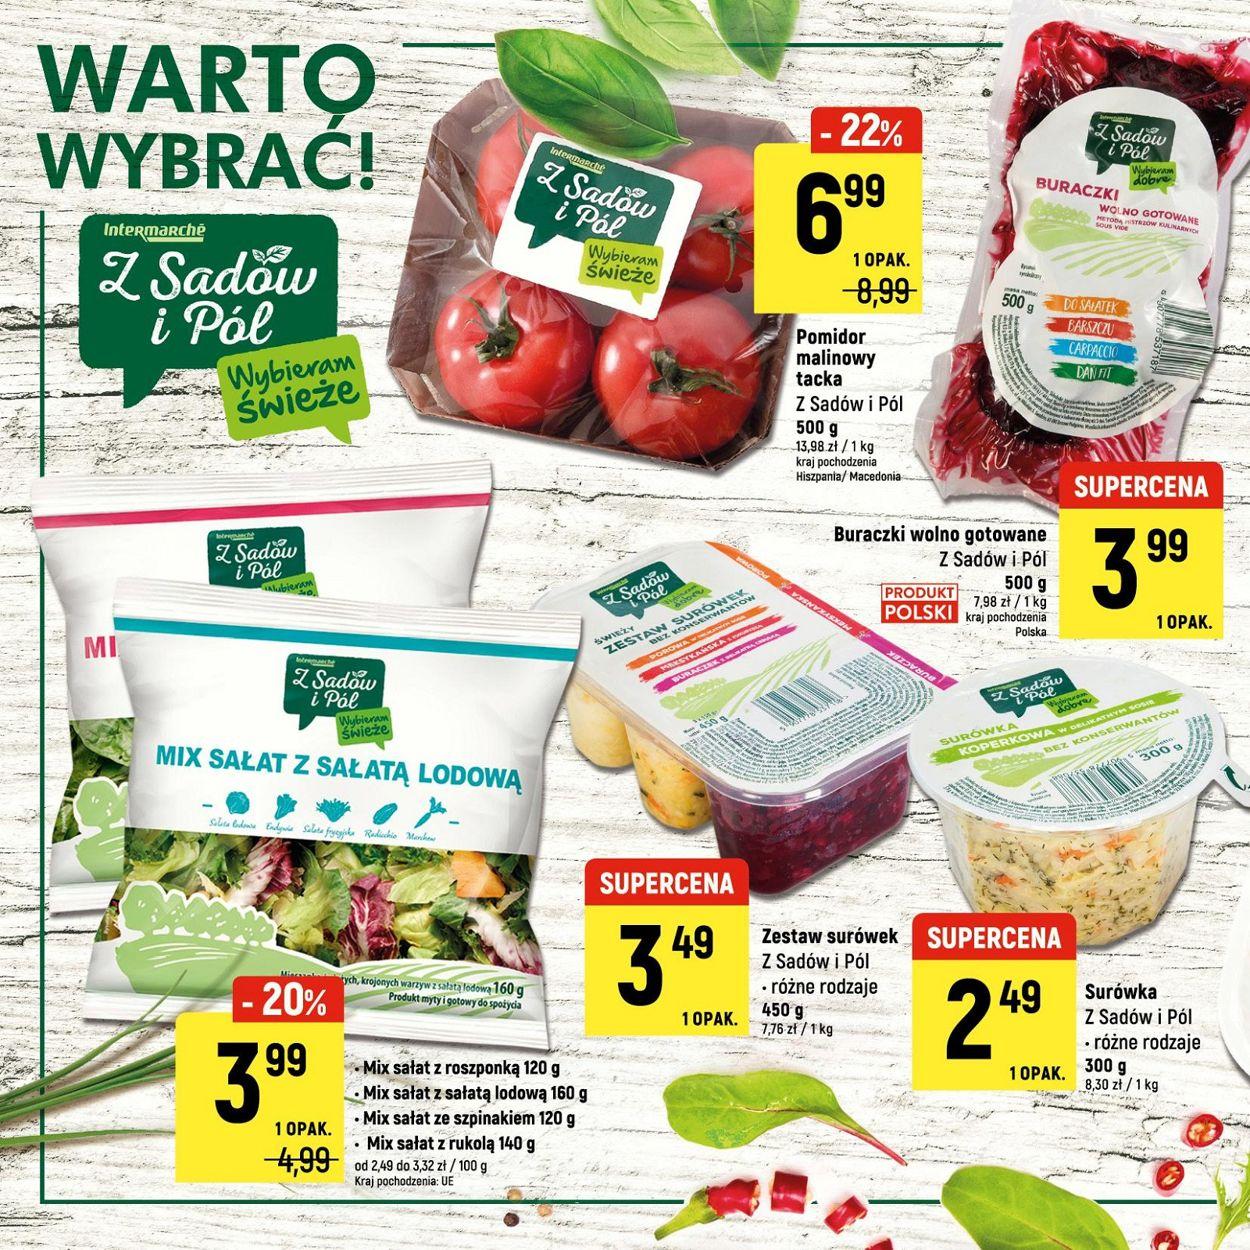 Gazetka promocyjna Intermarché - 16.02-01.03.2021 (Strona 4)